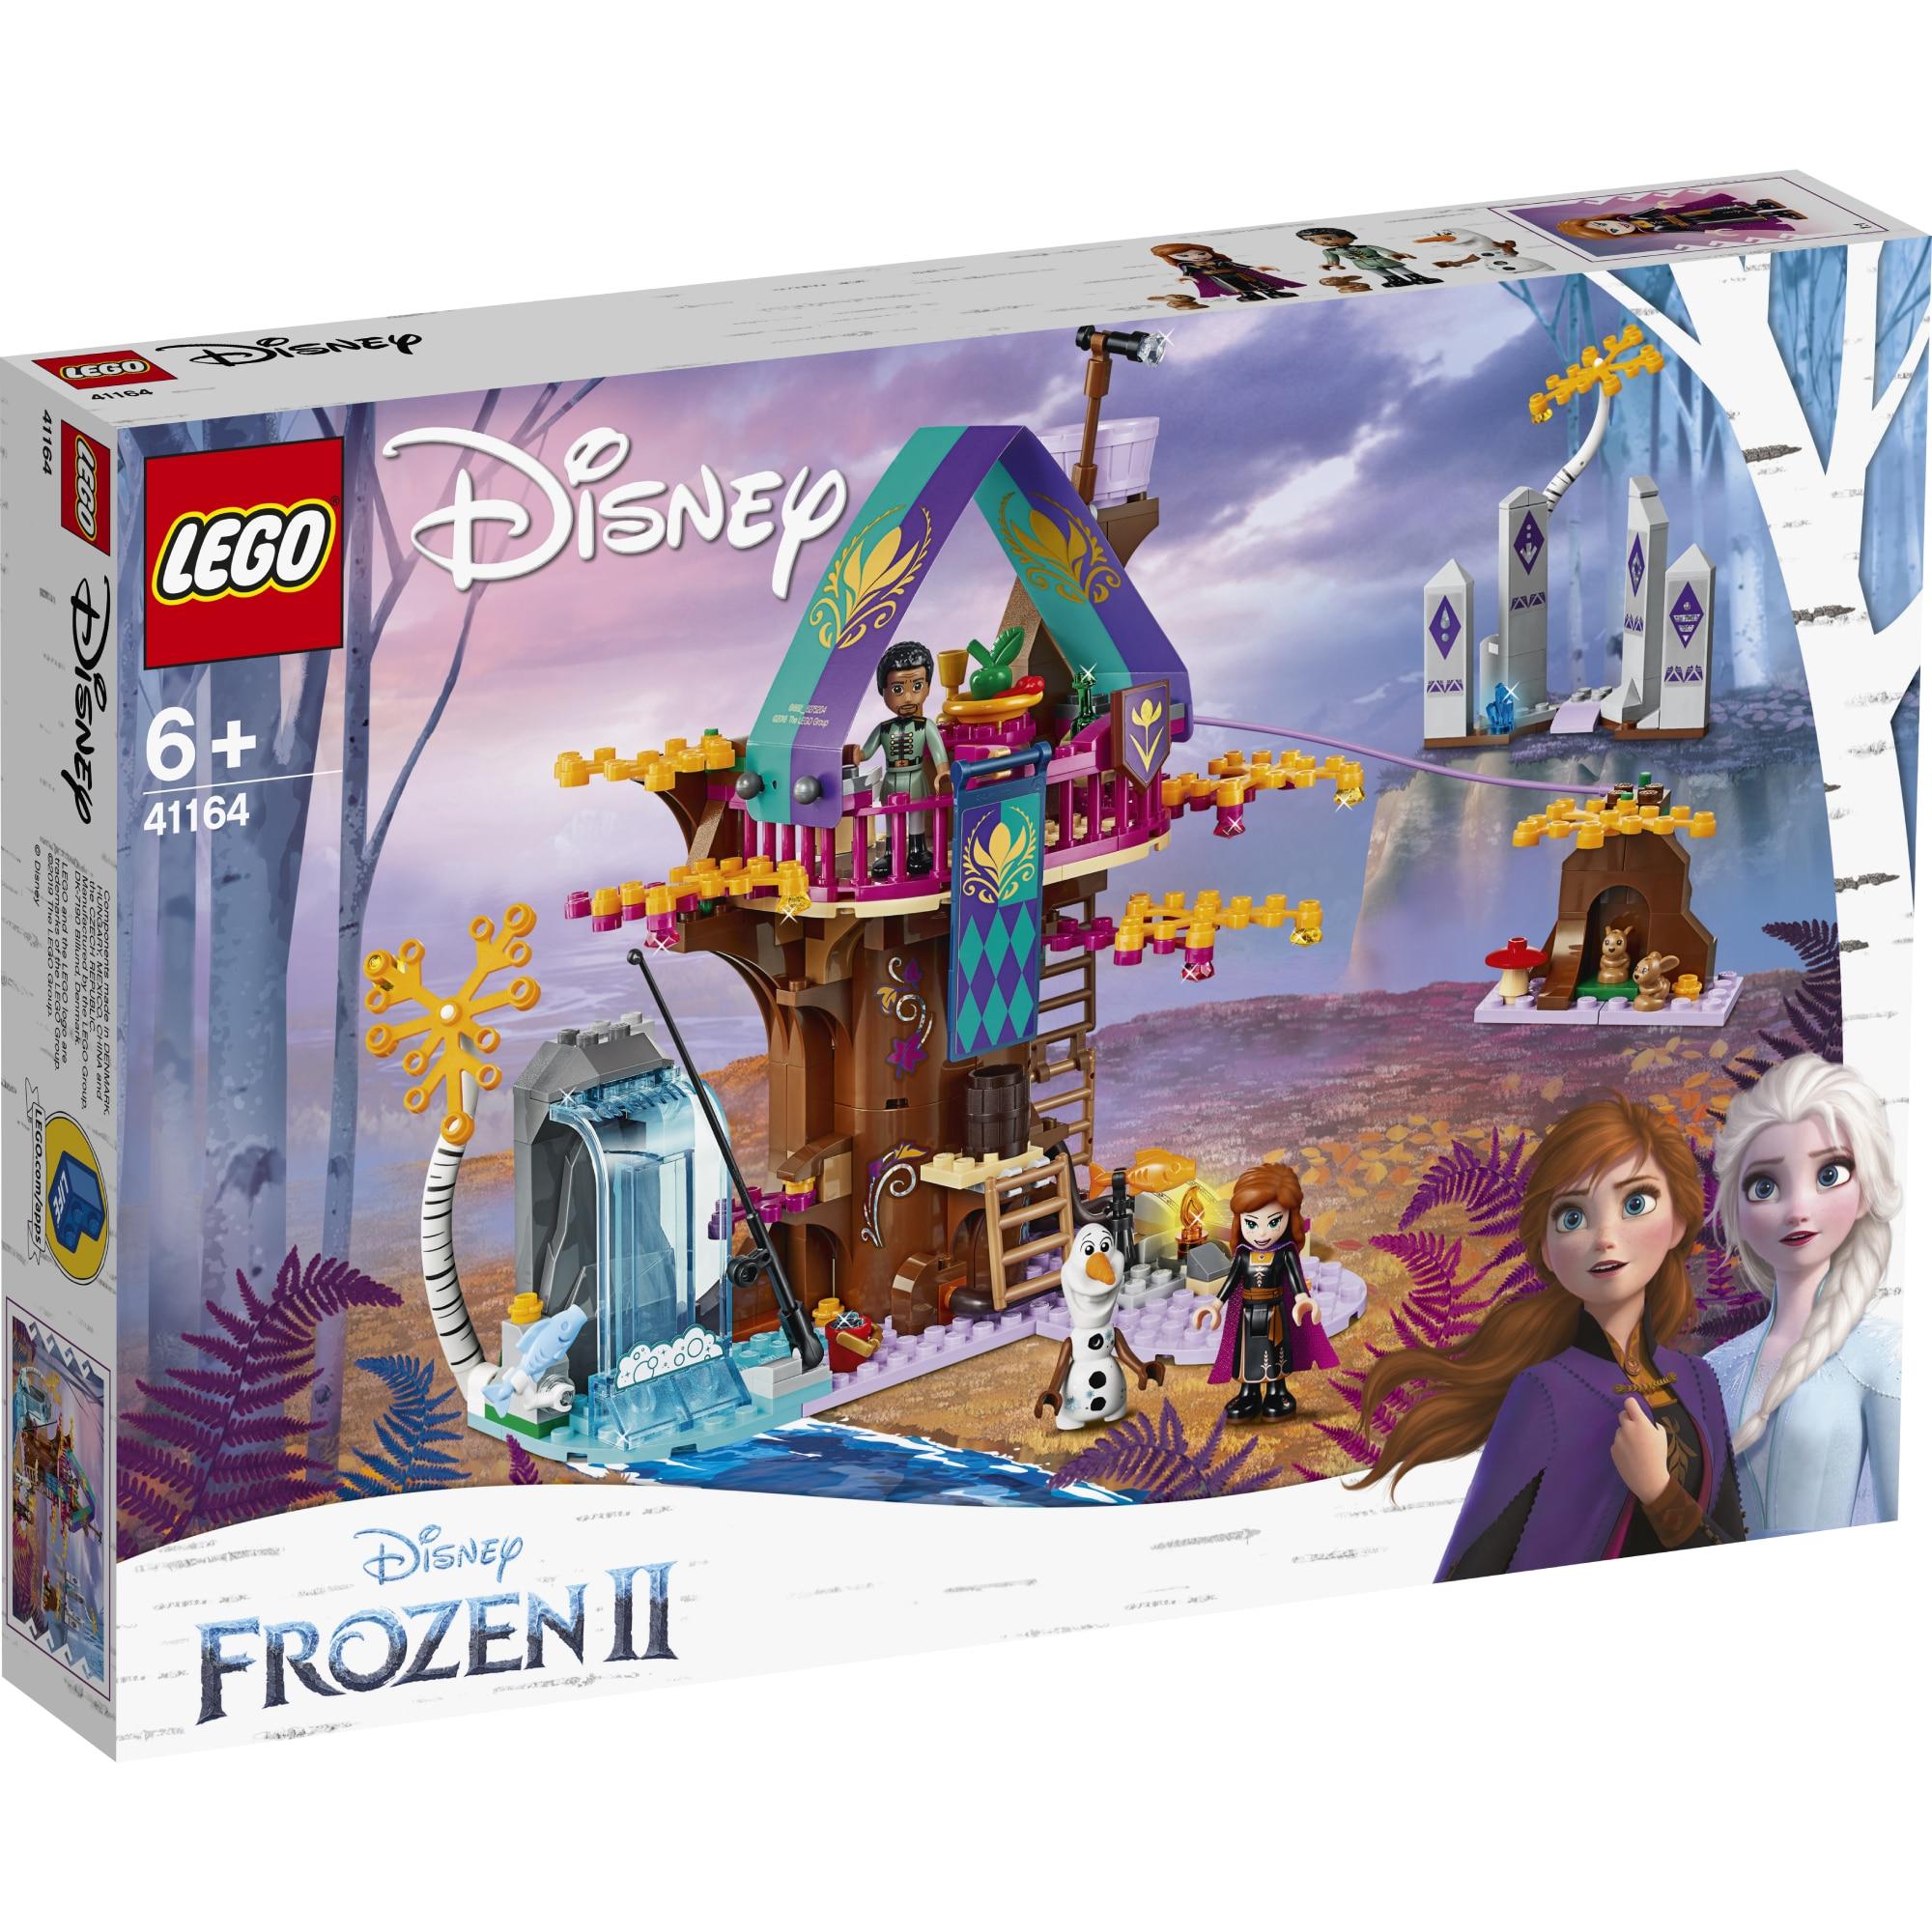 Fotografie LEGO Disney Frozen II - Casuta din copac fermecata 41164